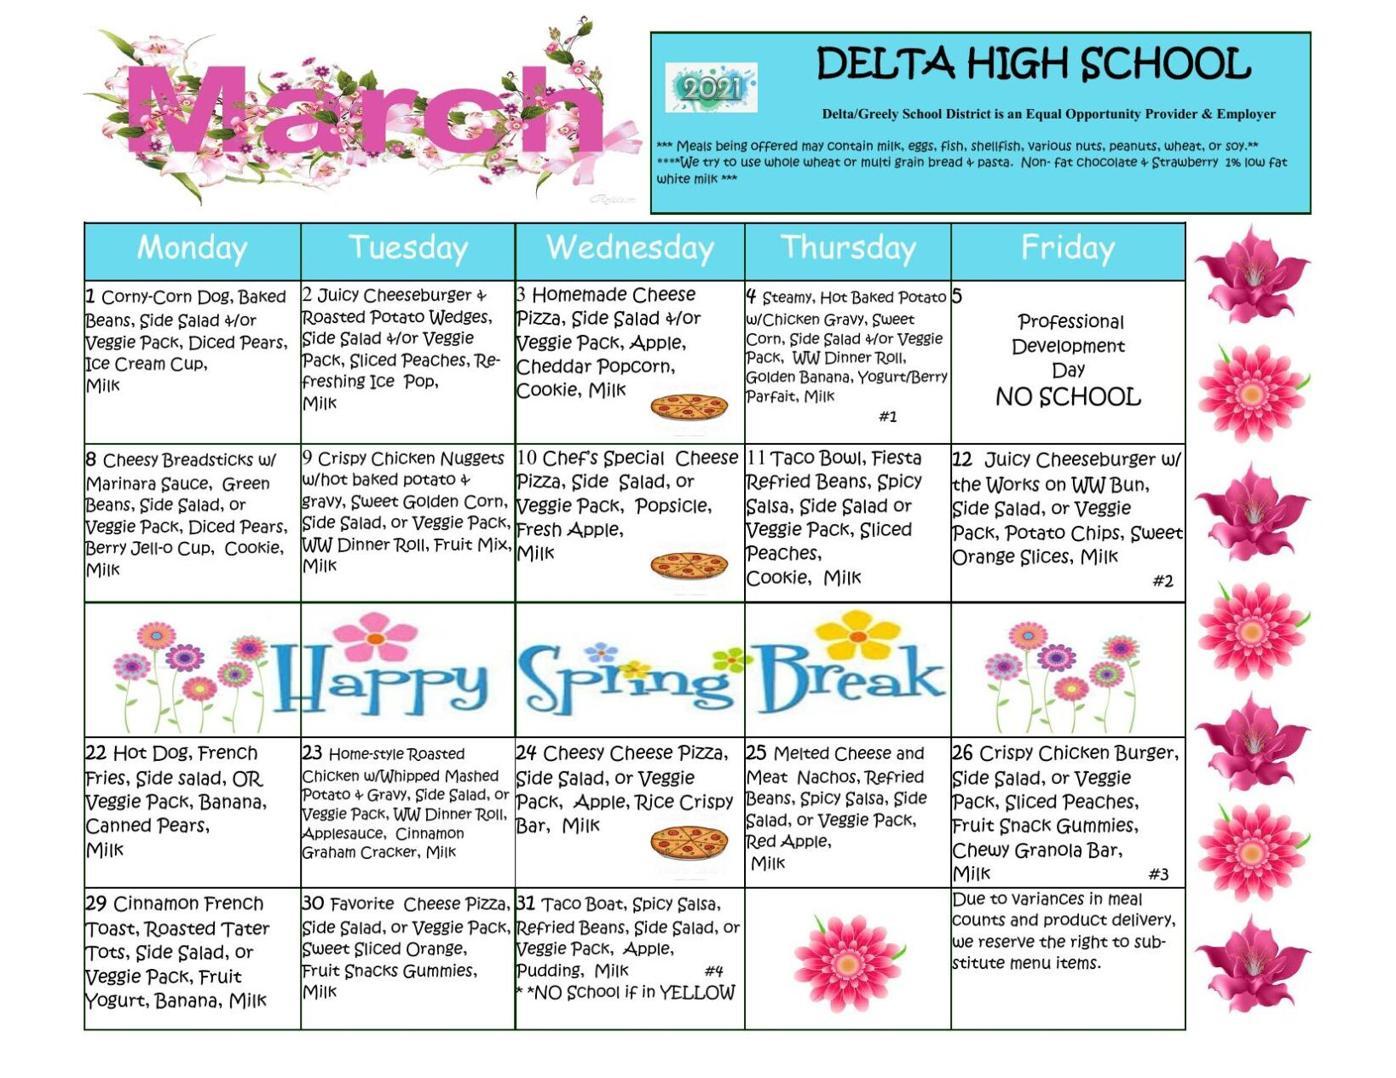 Delta High School Lunch Menu March, 2021